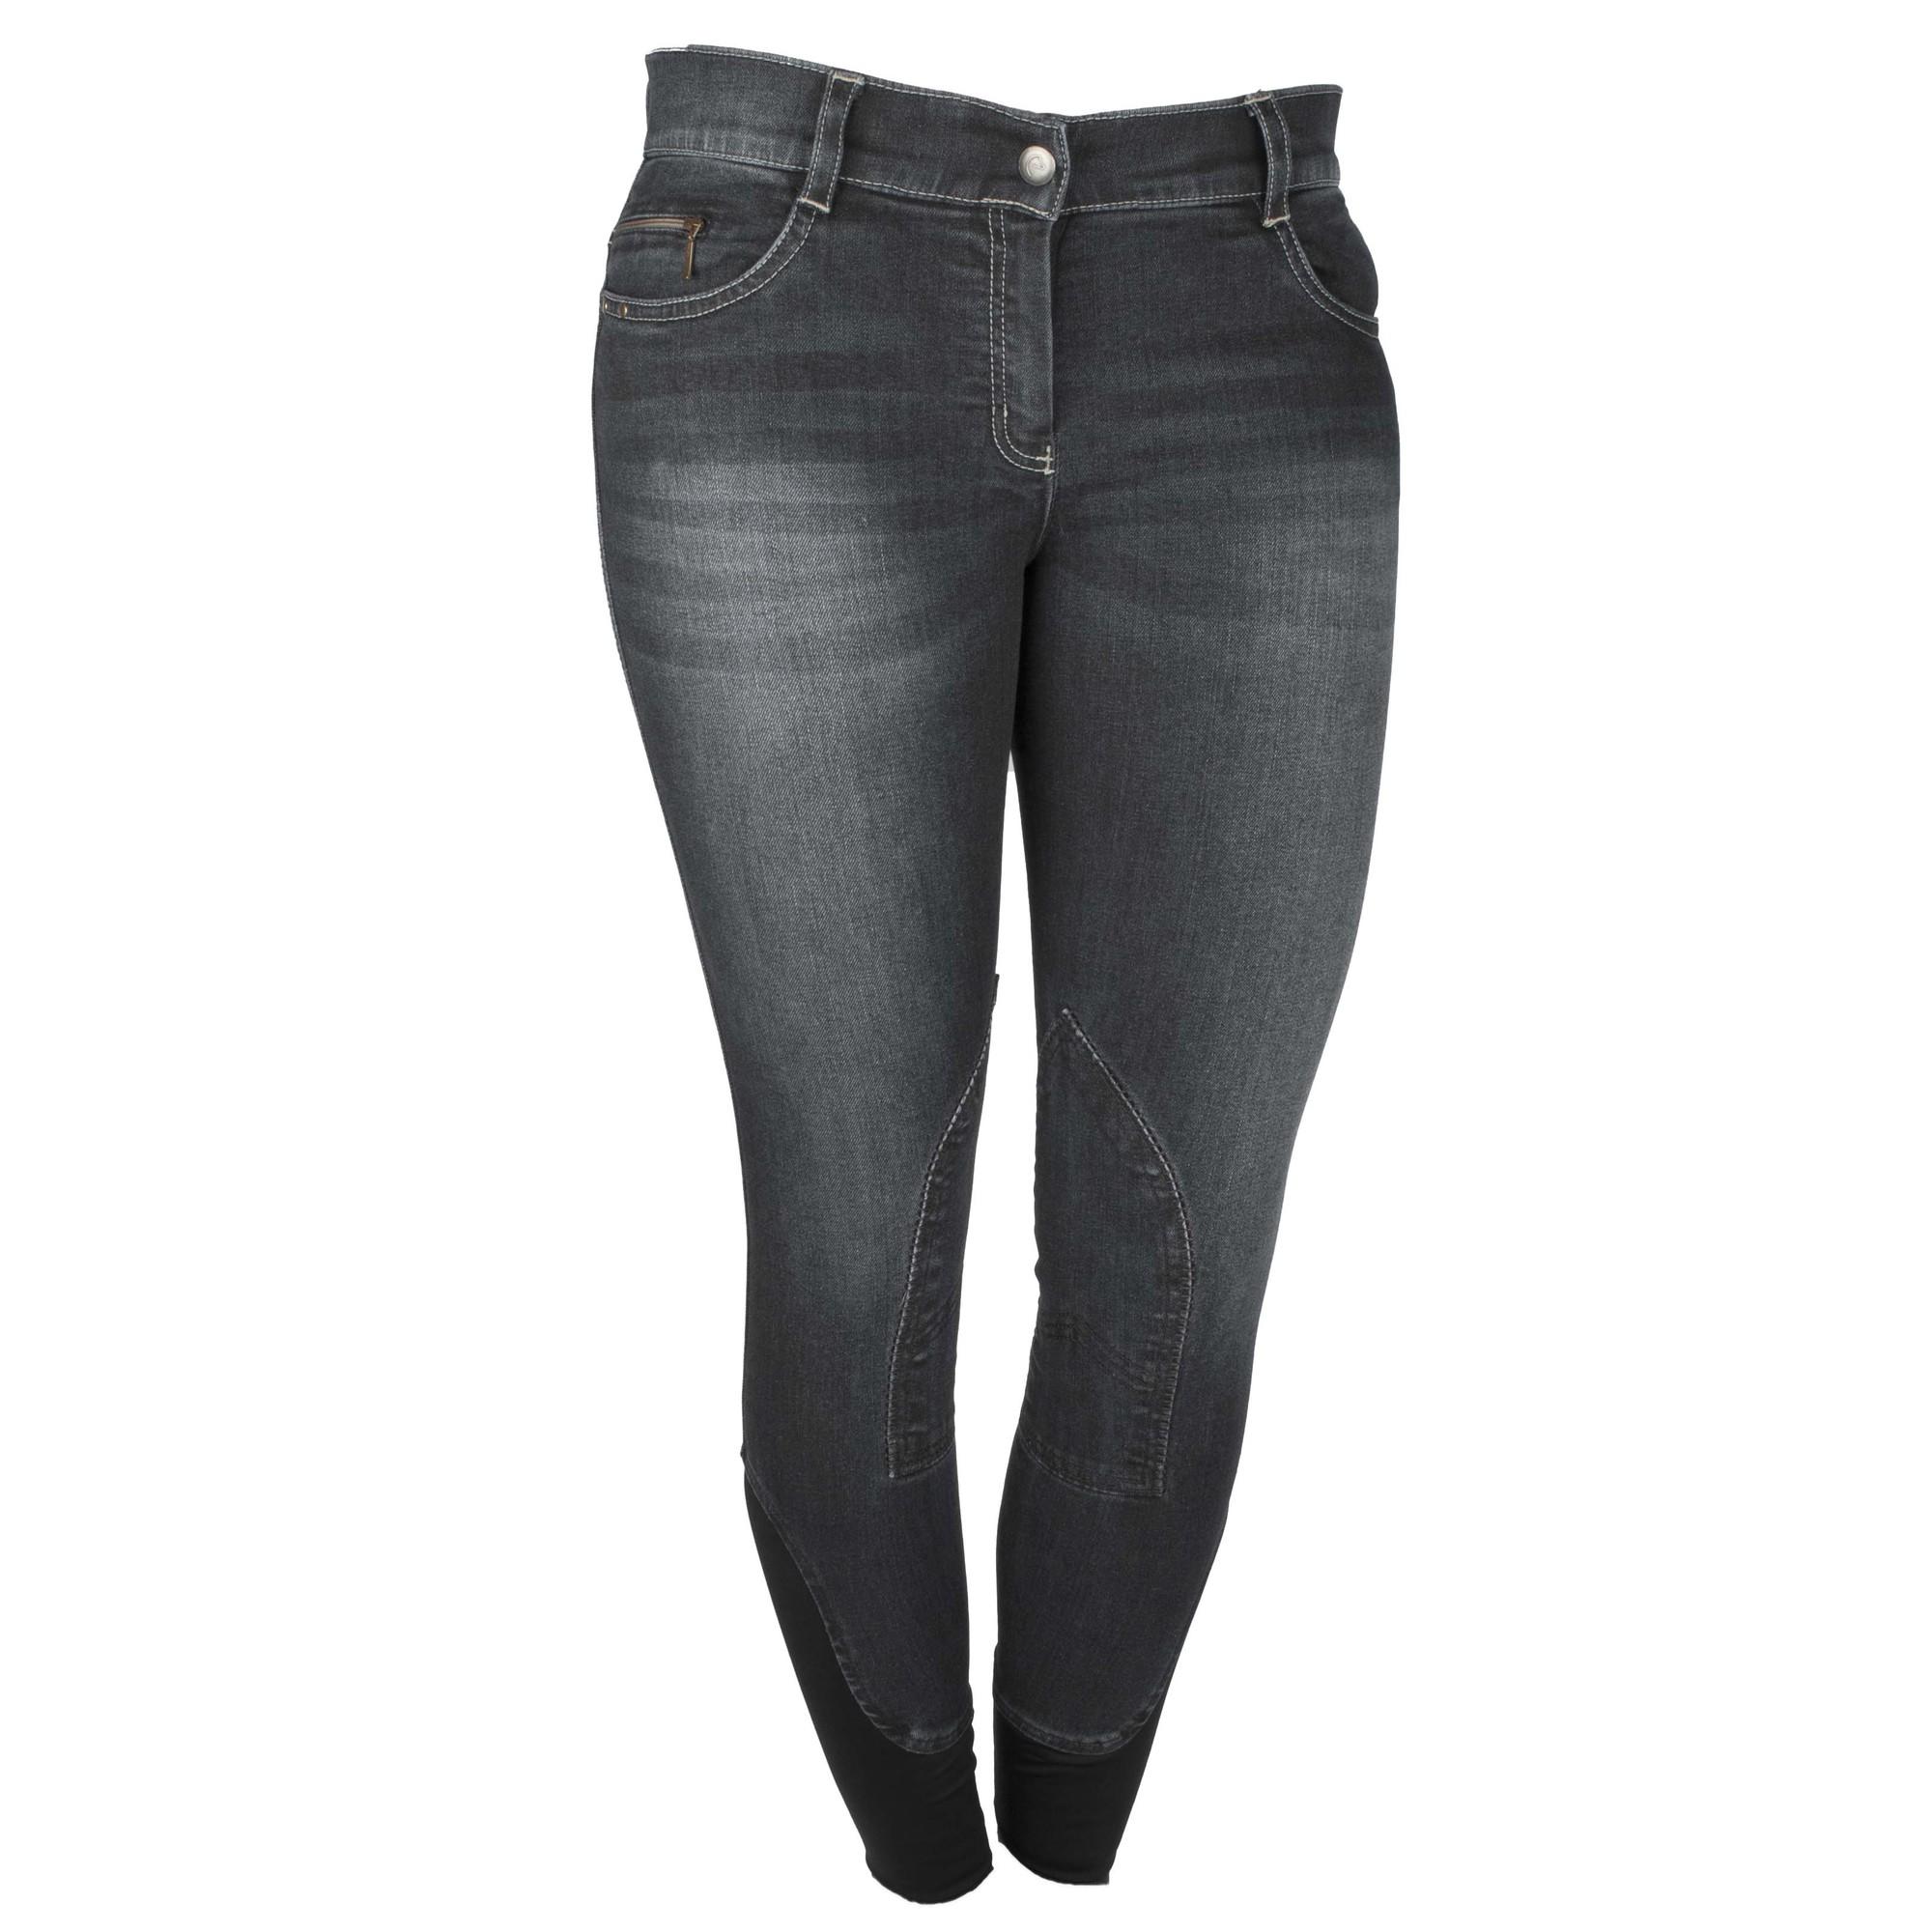 Equitheme Texas jeans rijbroek zwart maat:36